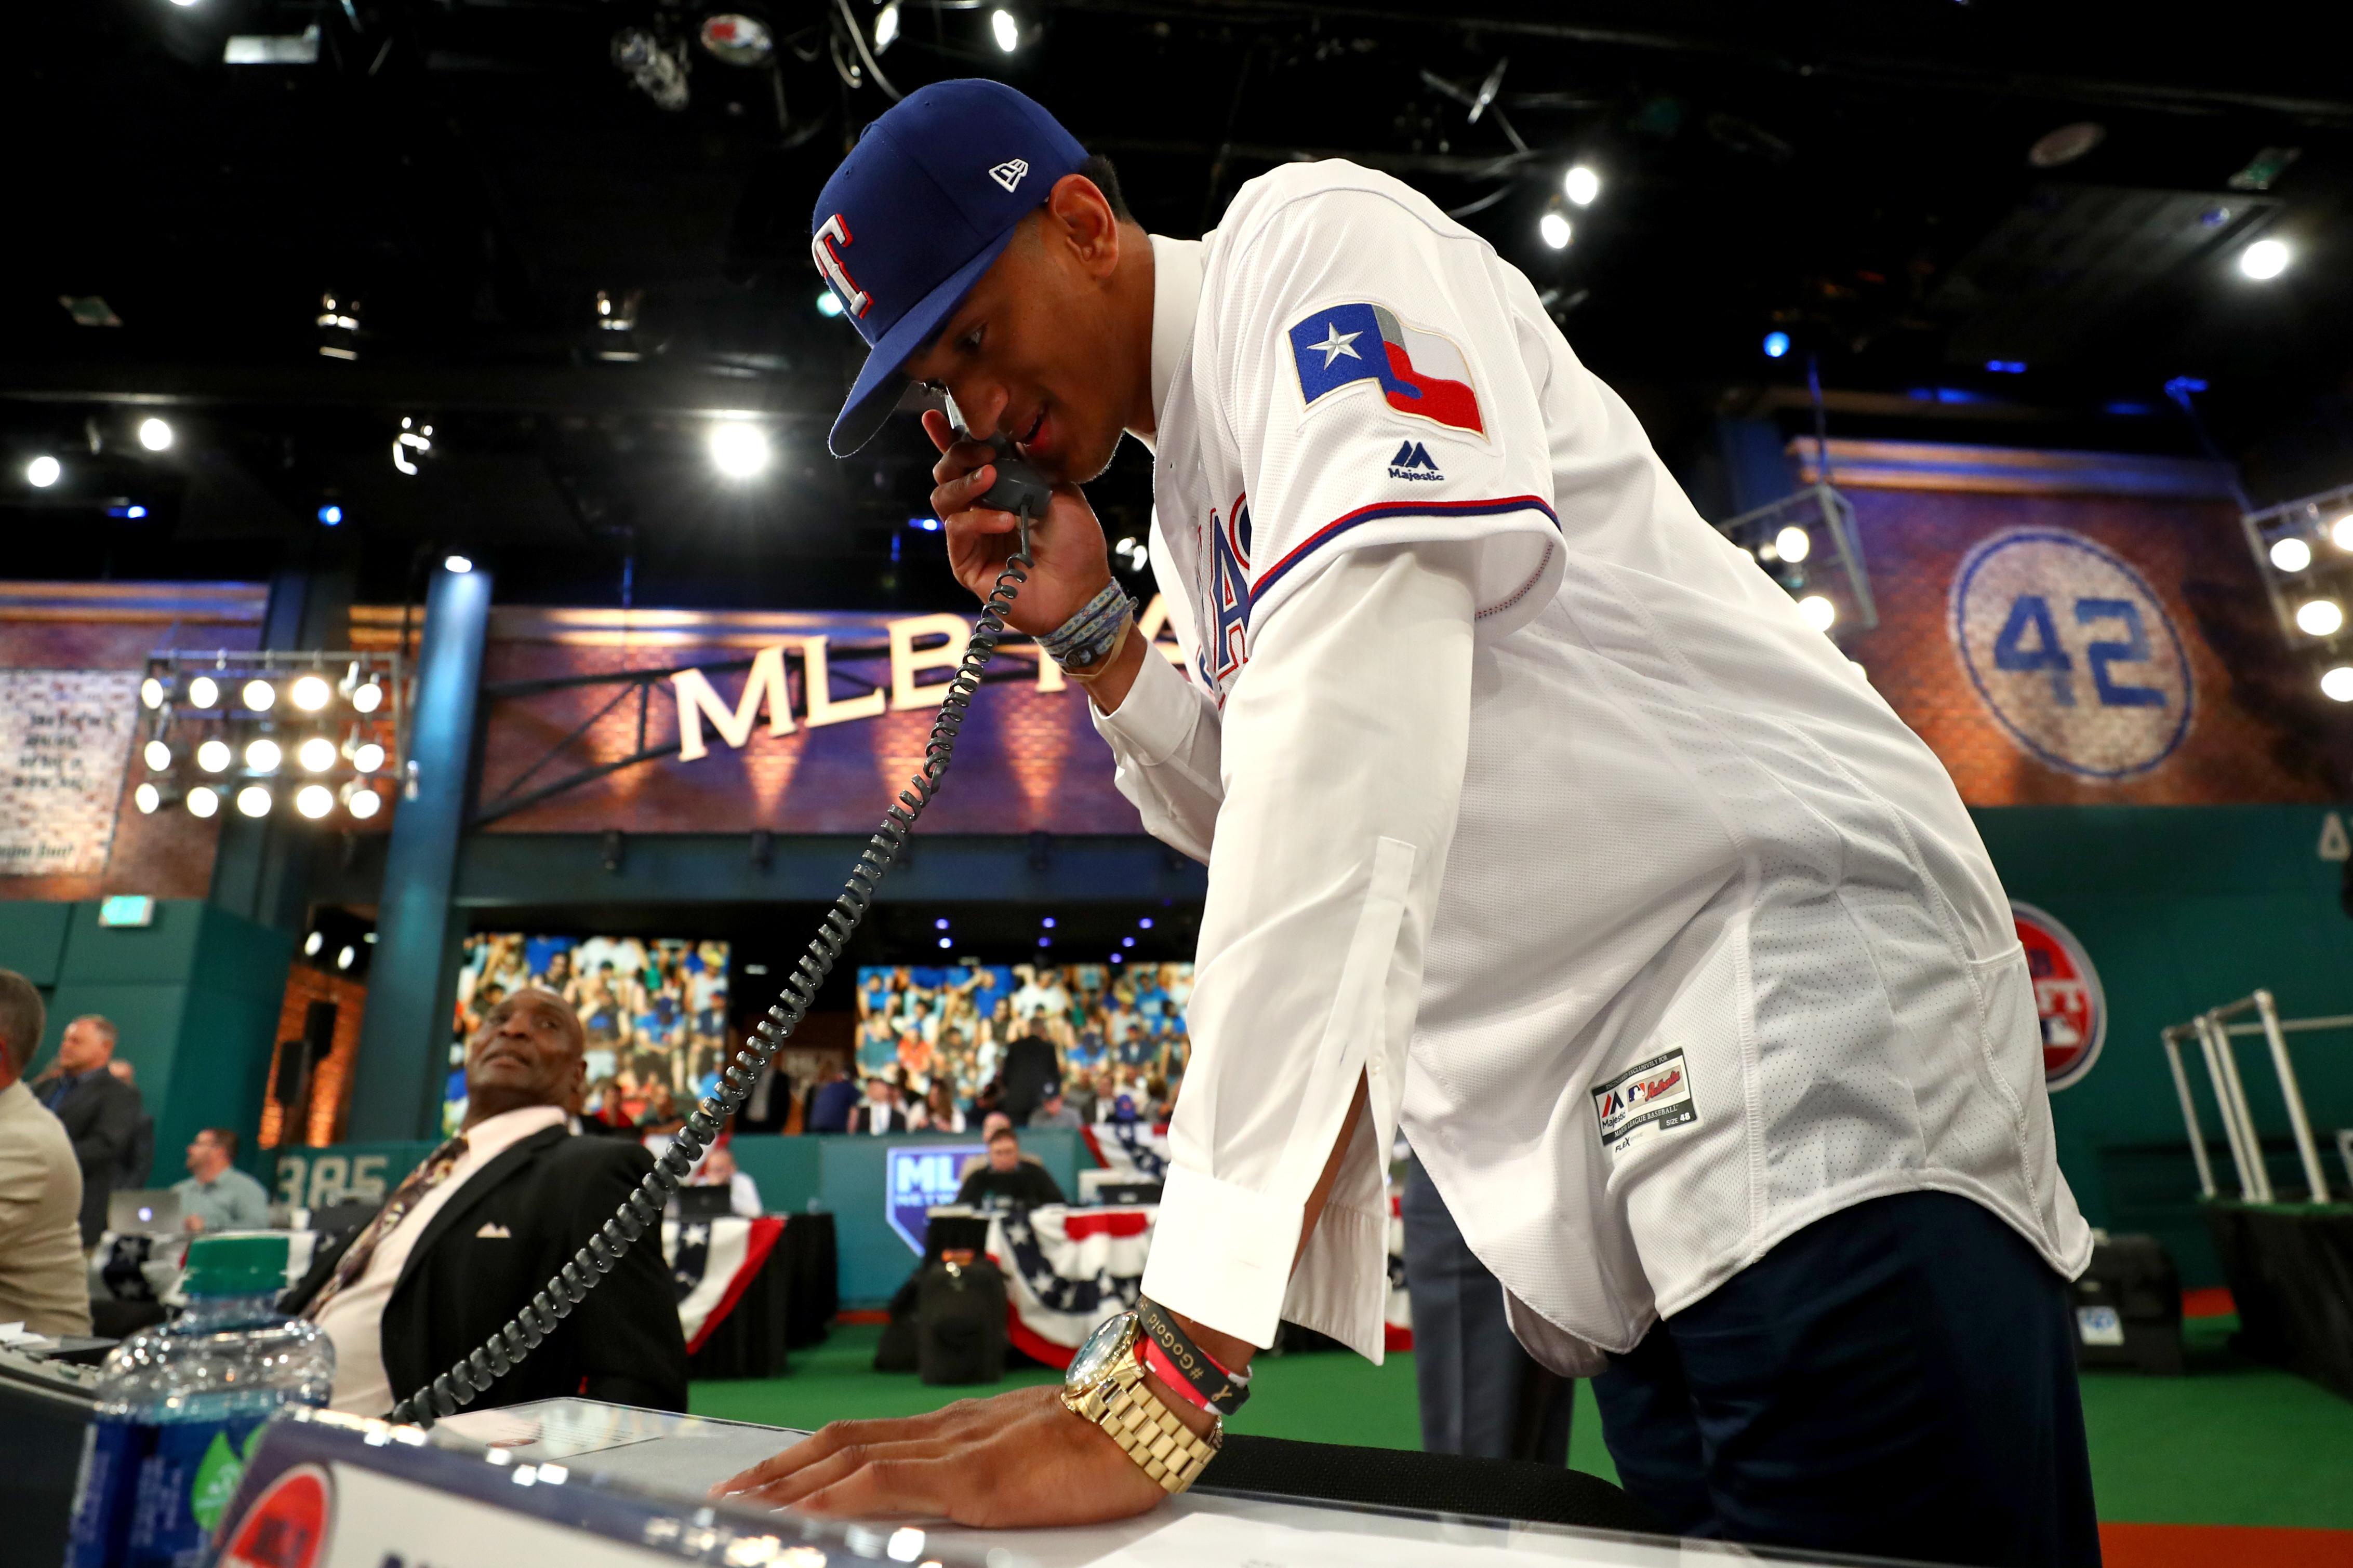 2017 Major League Baseball Draft